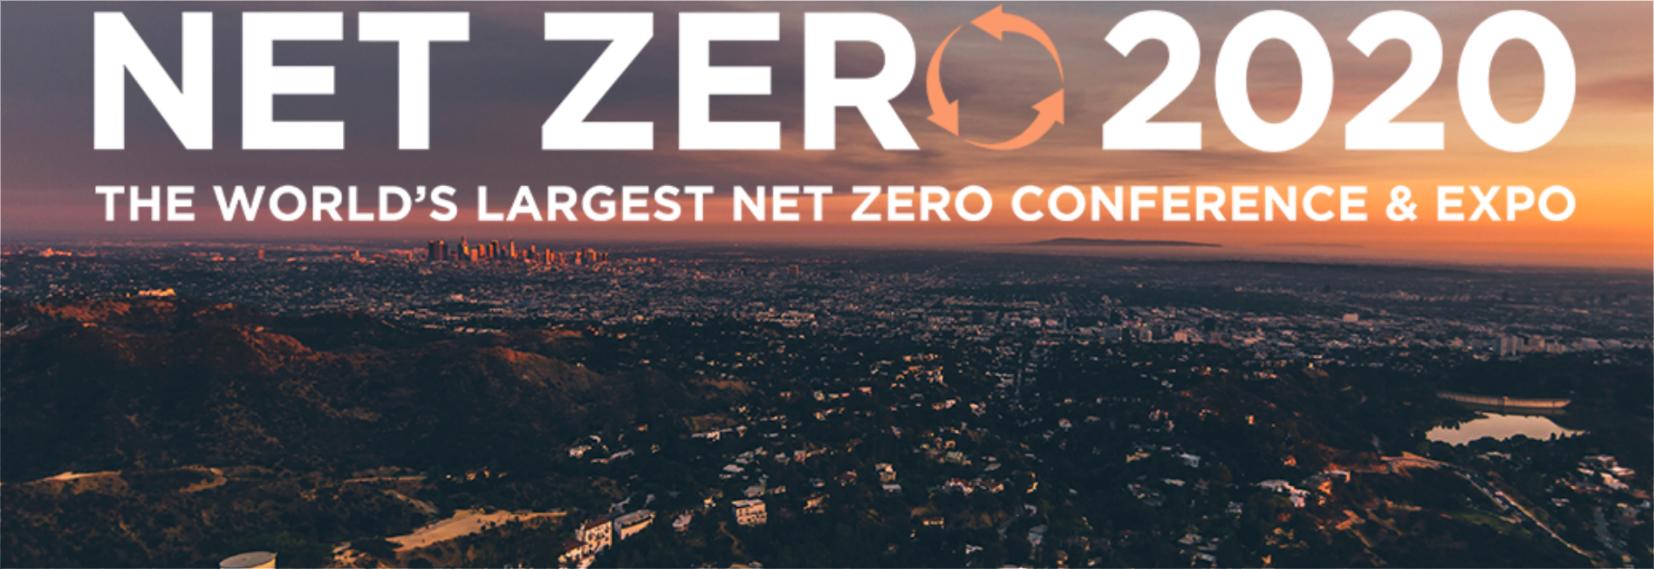 ネットゼロビルディング会議NZ20でUSGBCに参加を